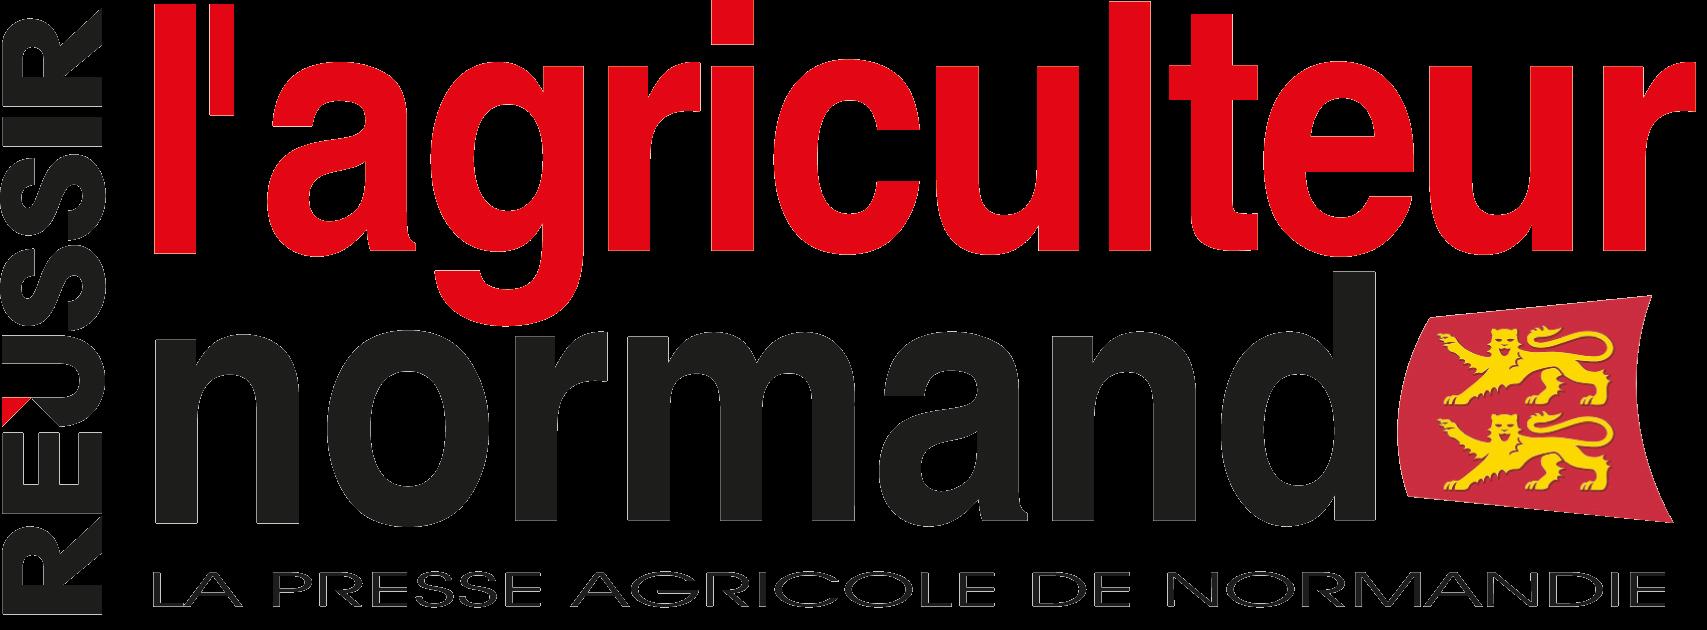 La Boutique Agriculteur Normand